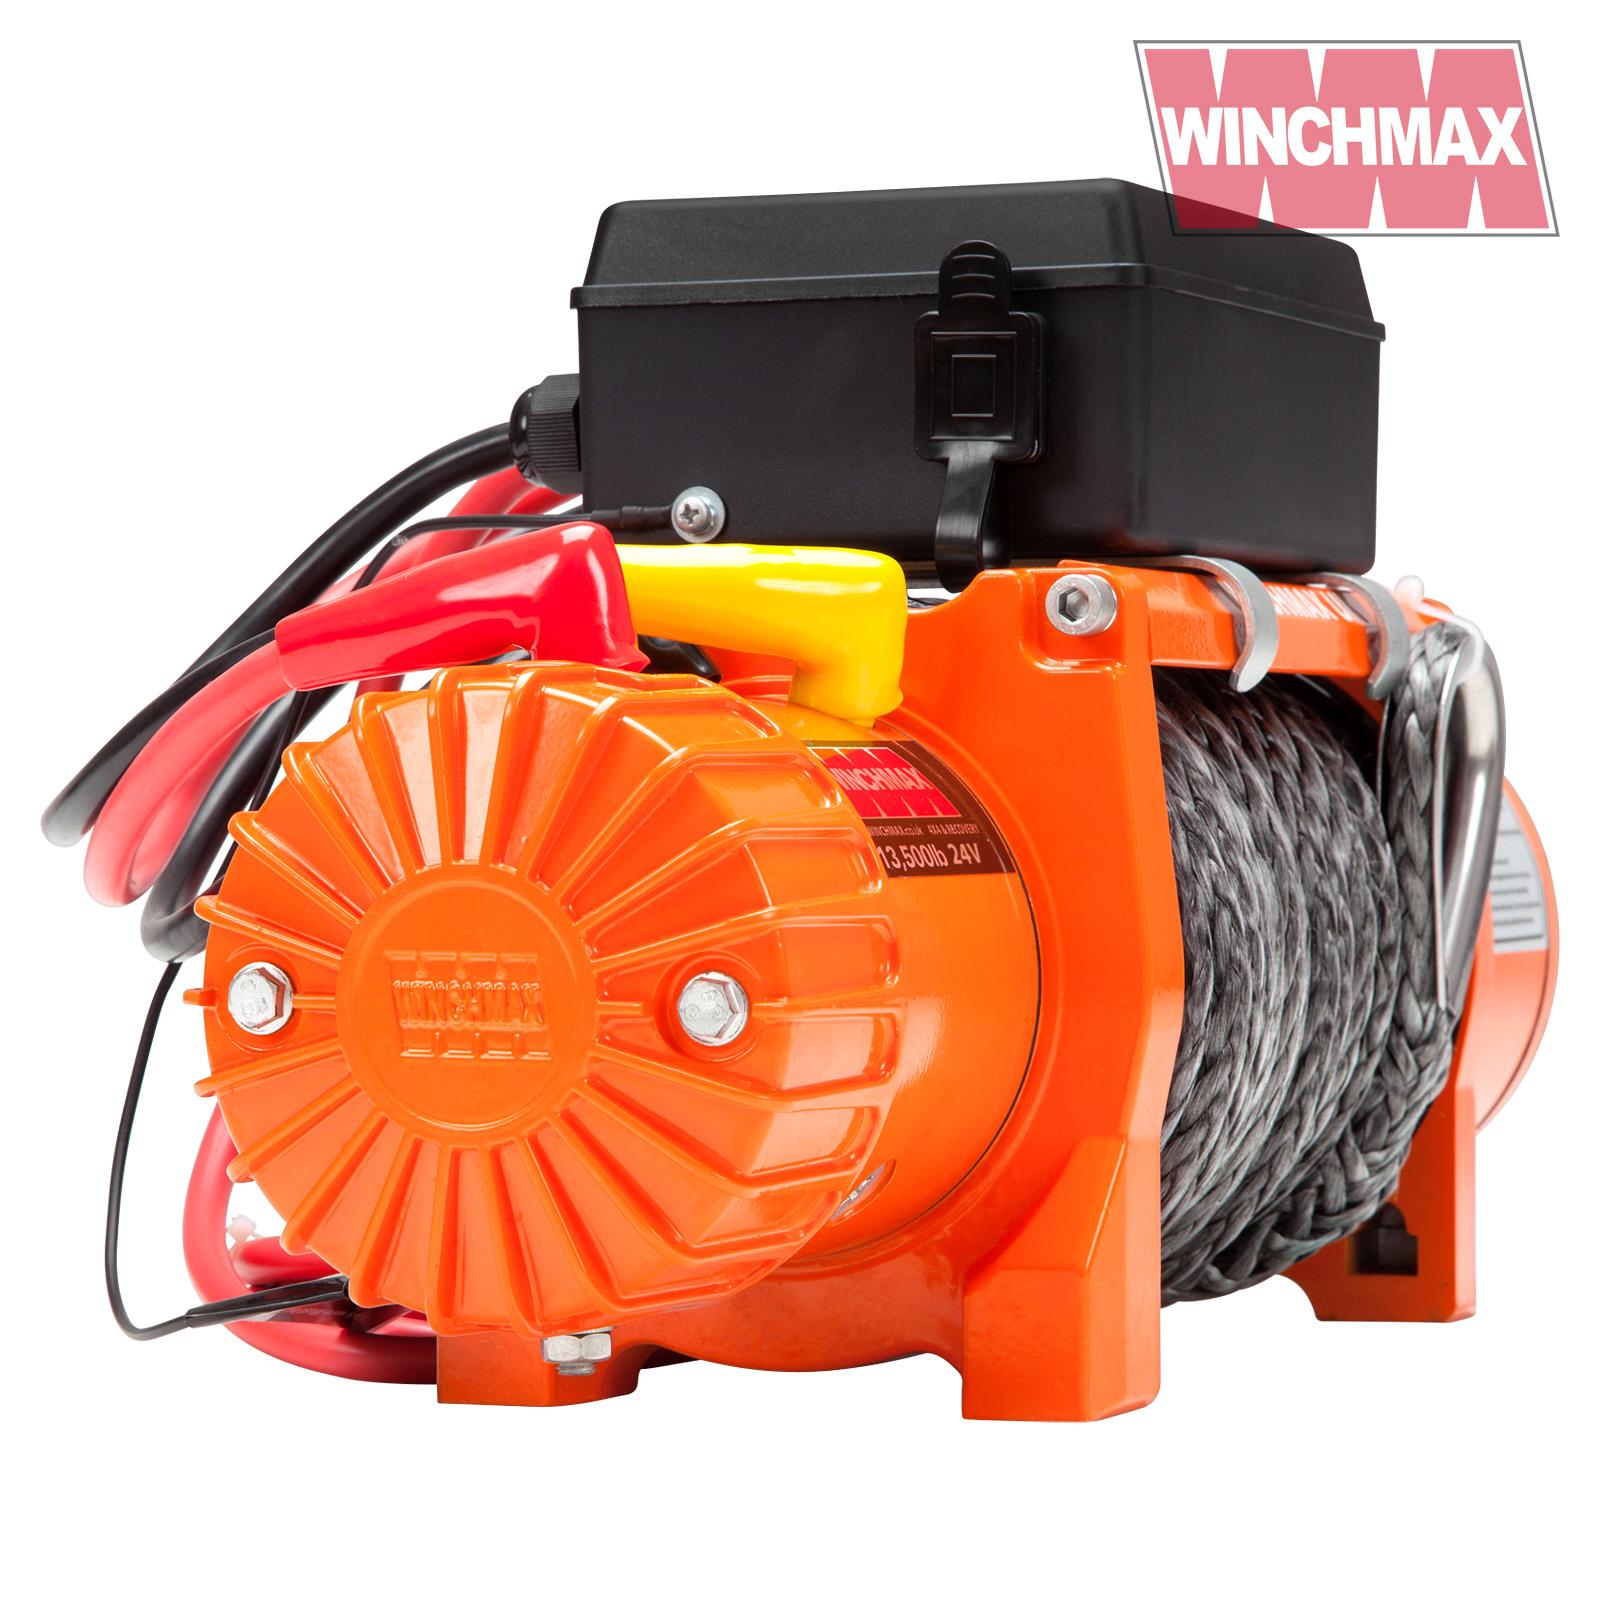 Wm1350024vrs winchmax 07